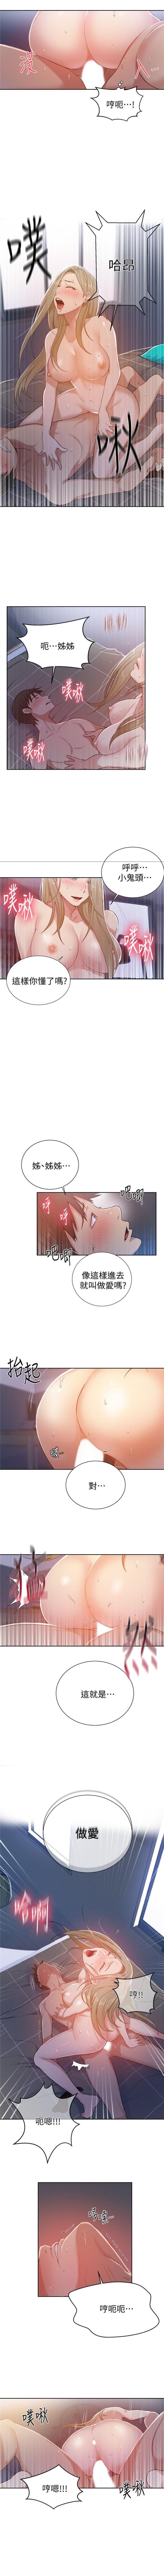 秘密教學  1-55 官方中文(連載中) 84